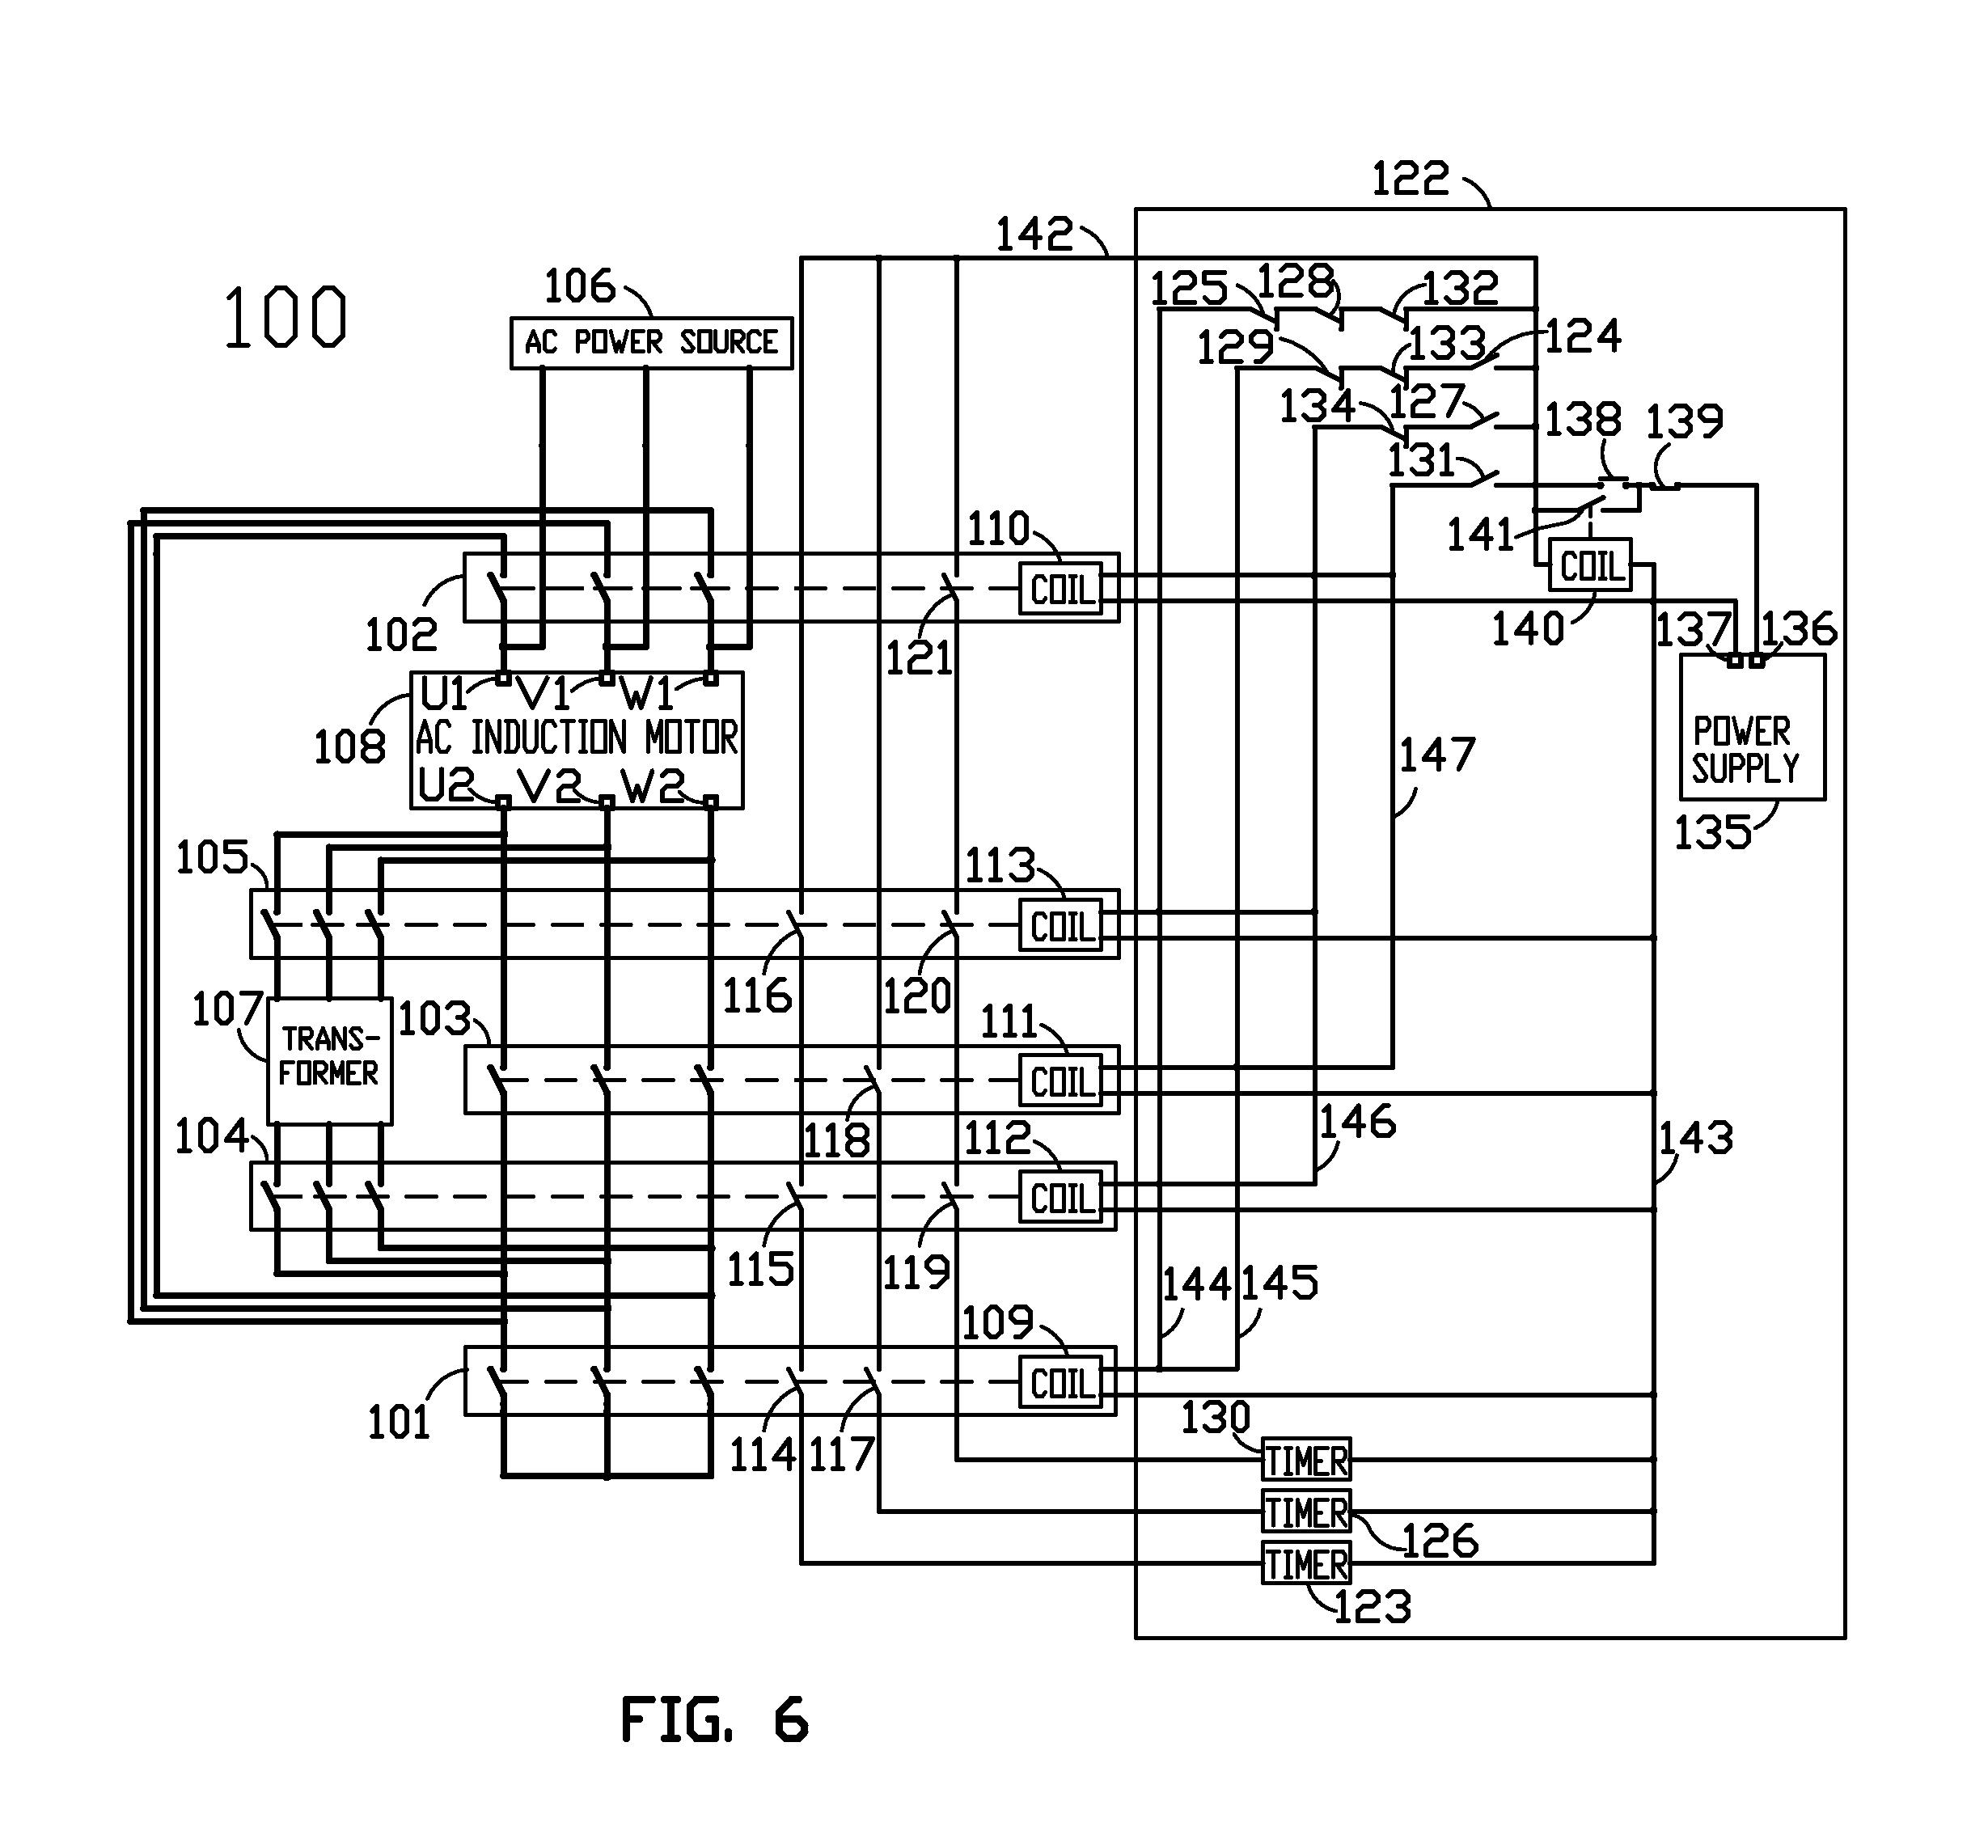 star delta motor wiring diagram en 1536  wiring diagram control star delta  en 1536  wiring diagram control star delta